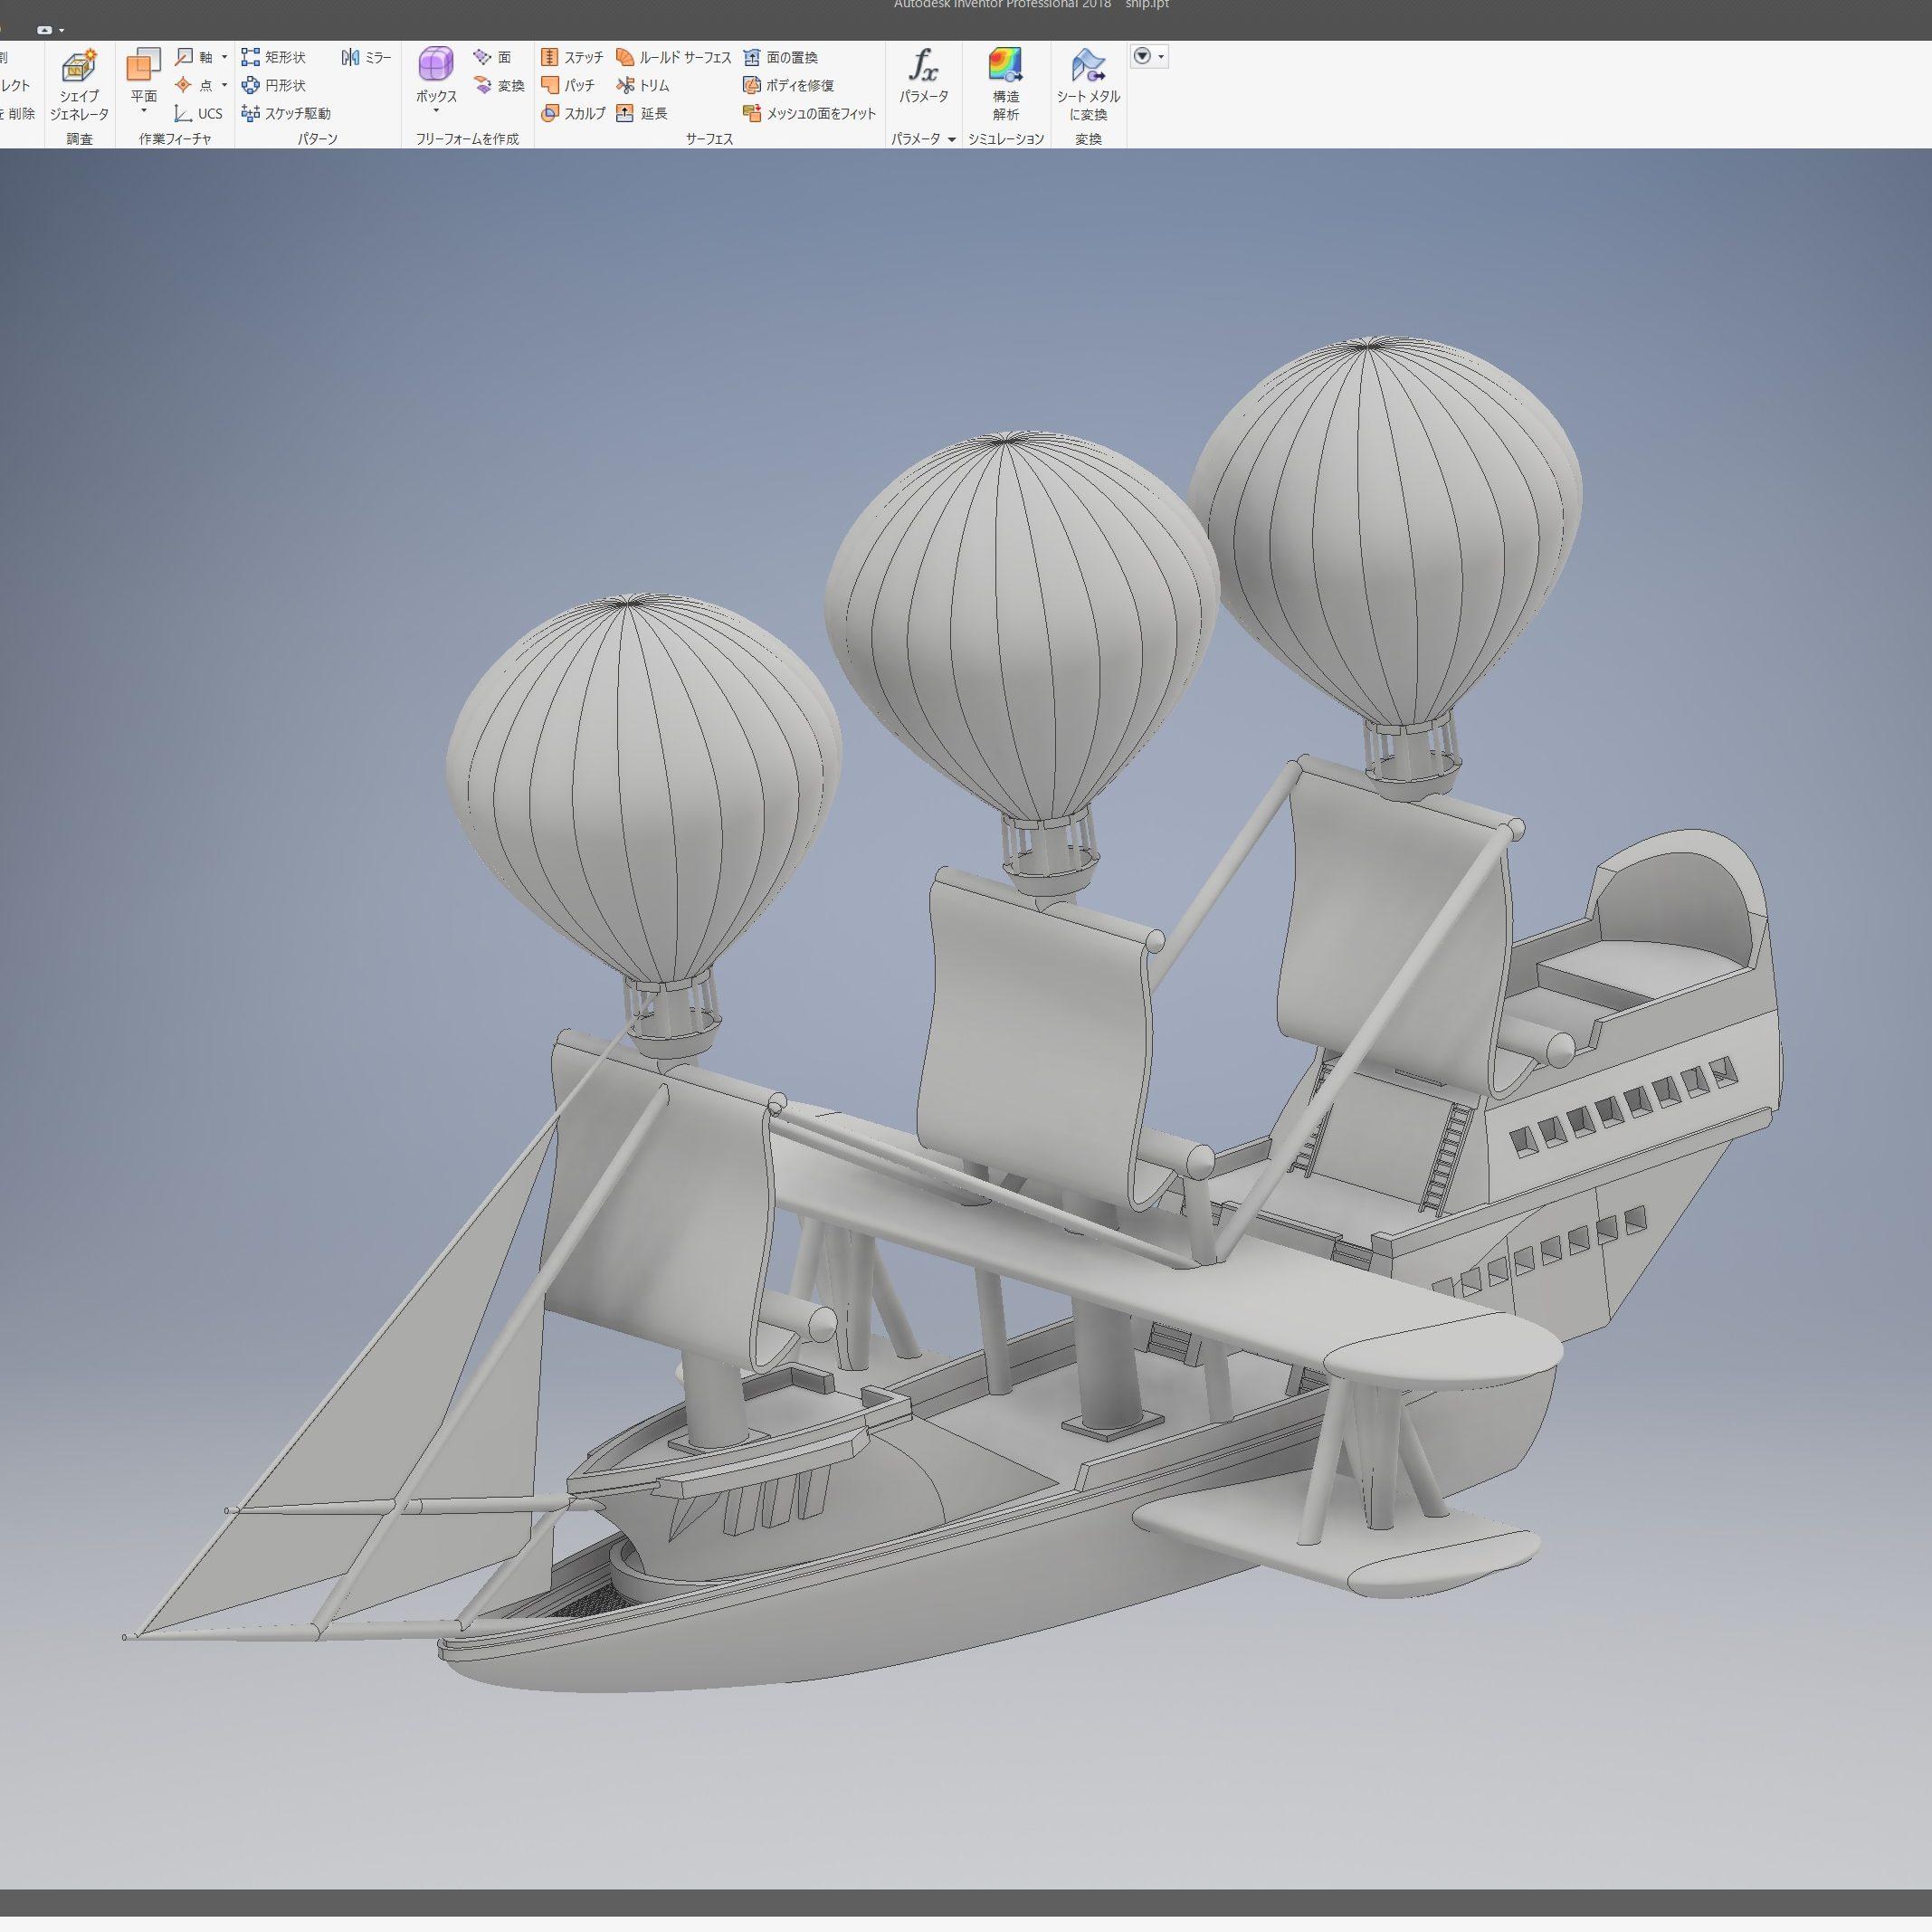 Arduino image